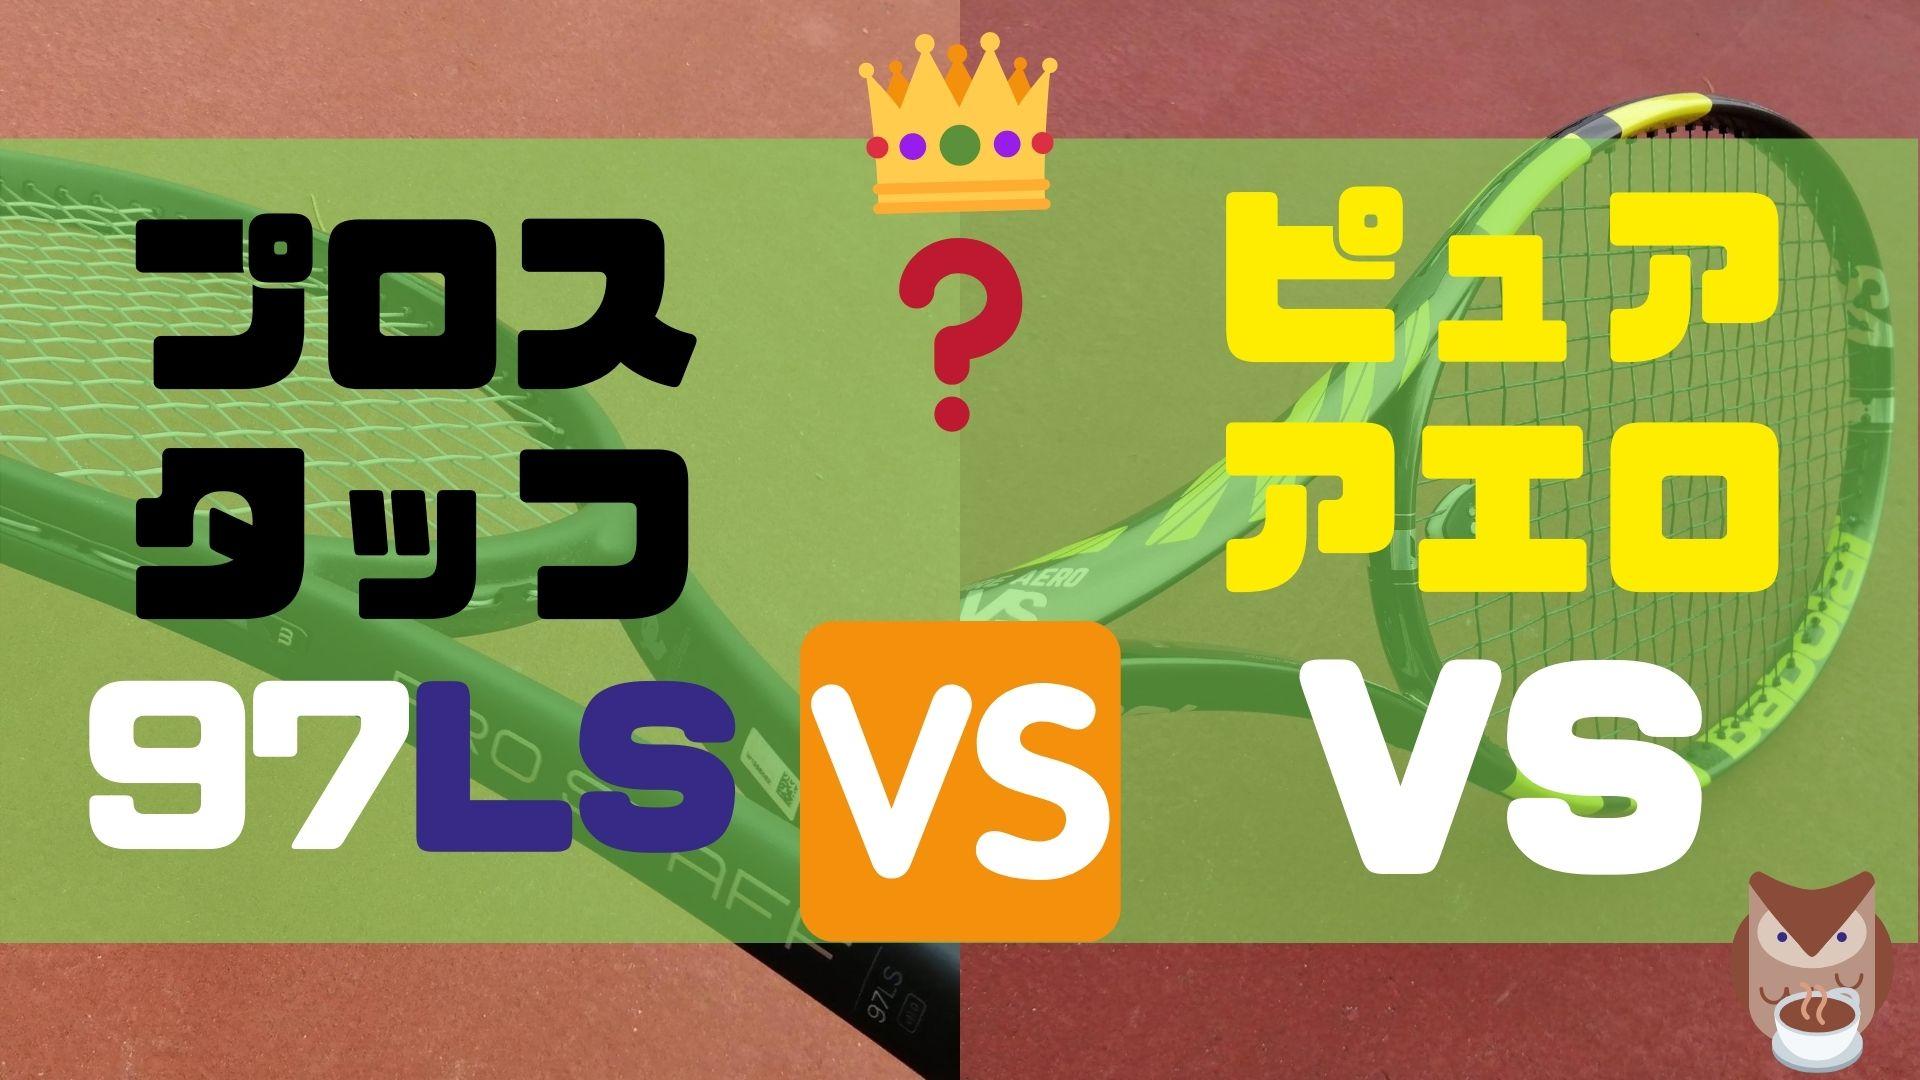 プロスタッフ97LS vs. ピュアアエロVS 2020【インプレ比較】